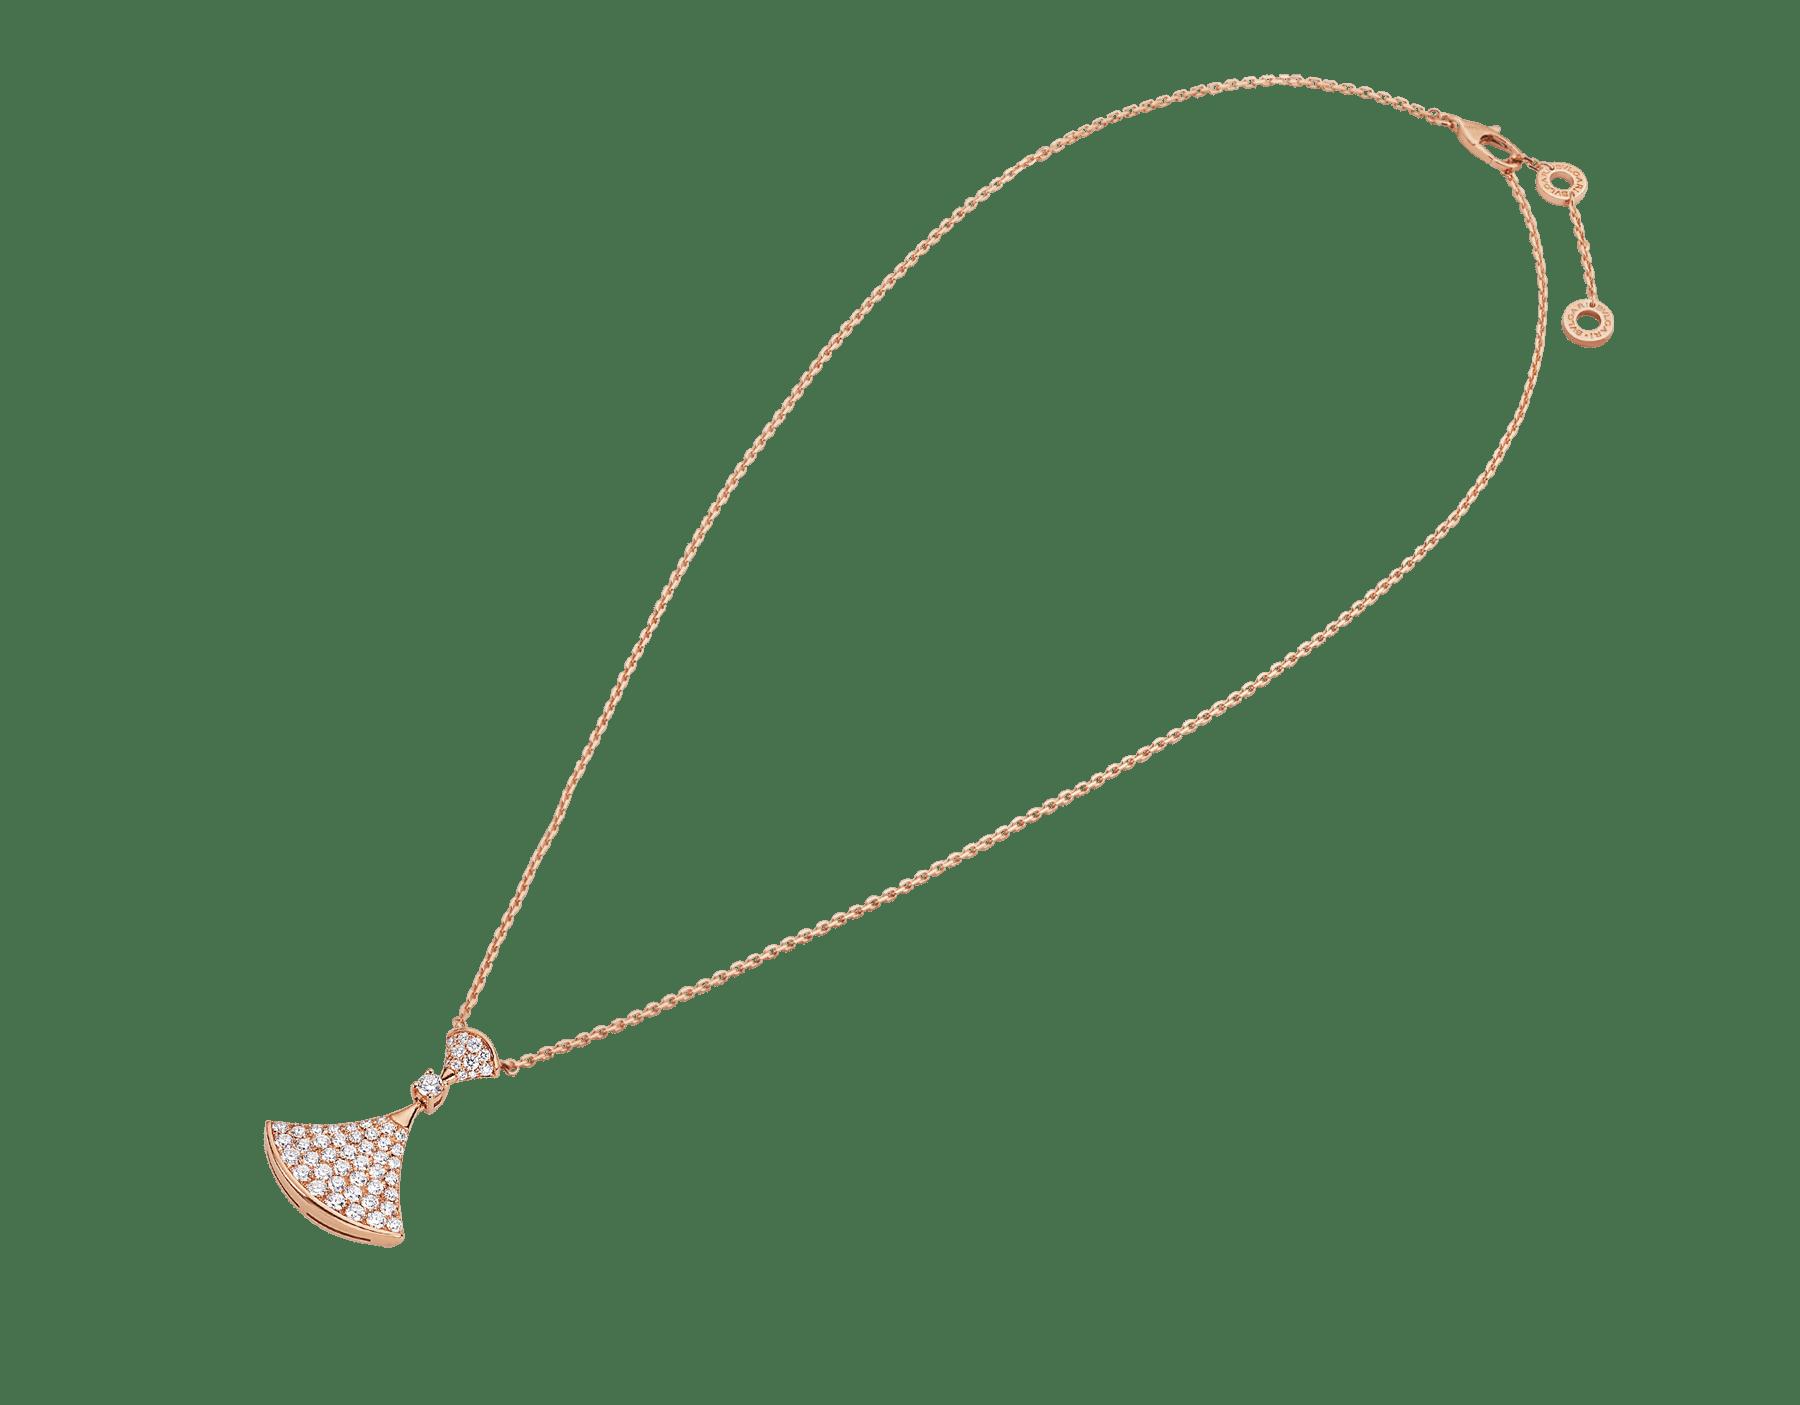 DIVAS' DREAM 18 kt rose gold pendant necklace set with a round brilliant-cut diamond (0.10 ct) and pavé diamonds (0.83 ct) 358121 image 2